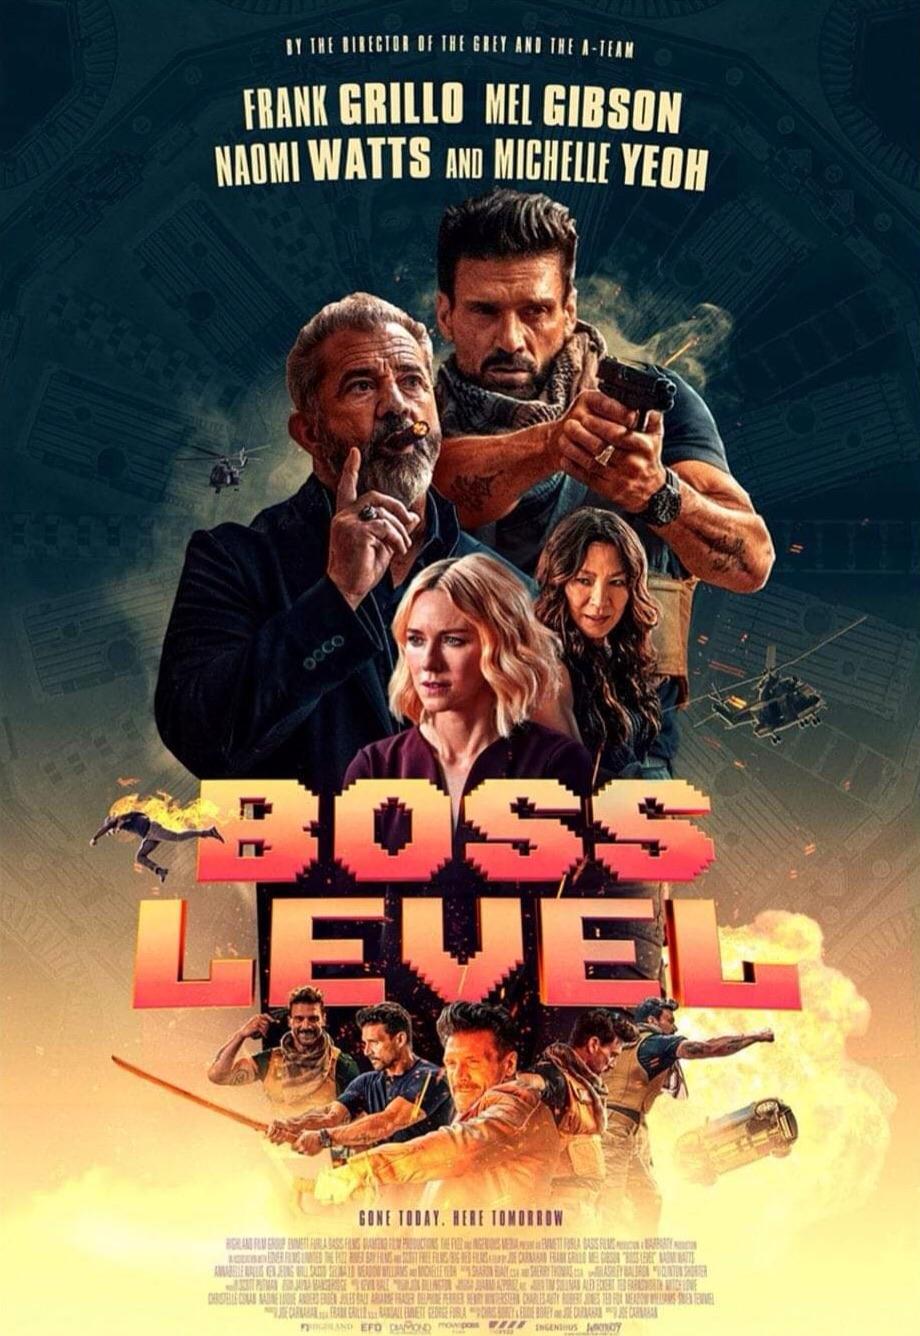 مشاهدة وتحميل فيلم الاكشن والخيال العلمي المستوى الأصعب Boss Level 2020 مترجم اون لاين HD بطولة ميل جيبسون وتحميل ومشاهدة مباشرة فيلم Boss Level 2020 مترجم اونلاين